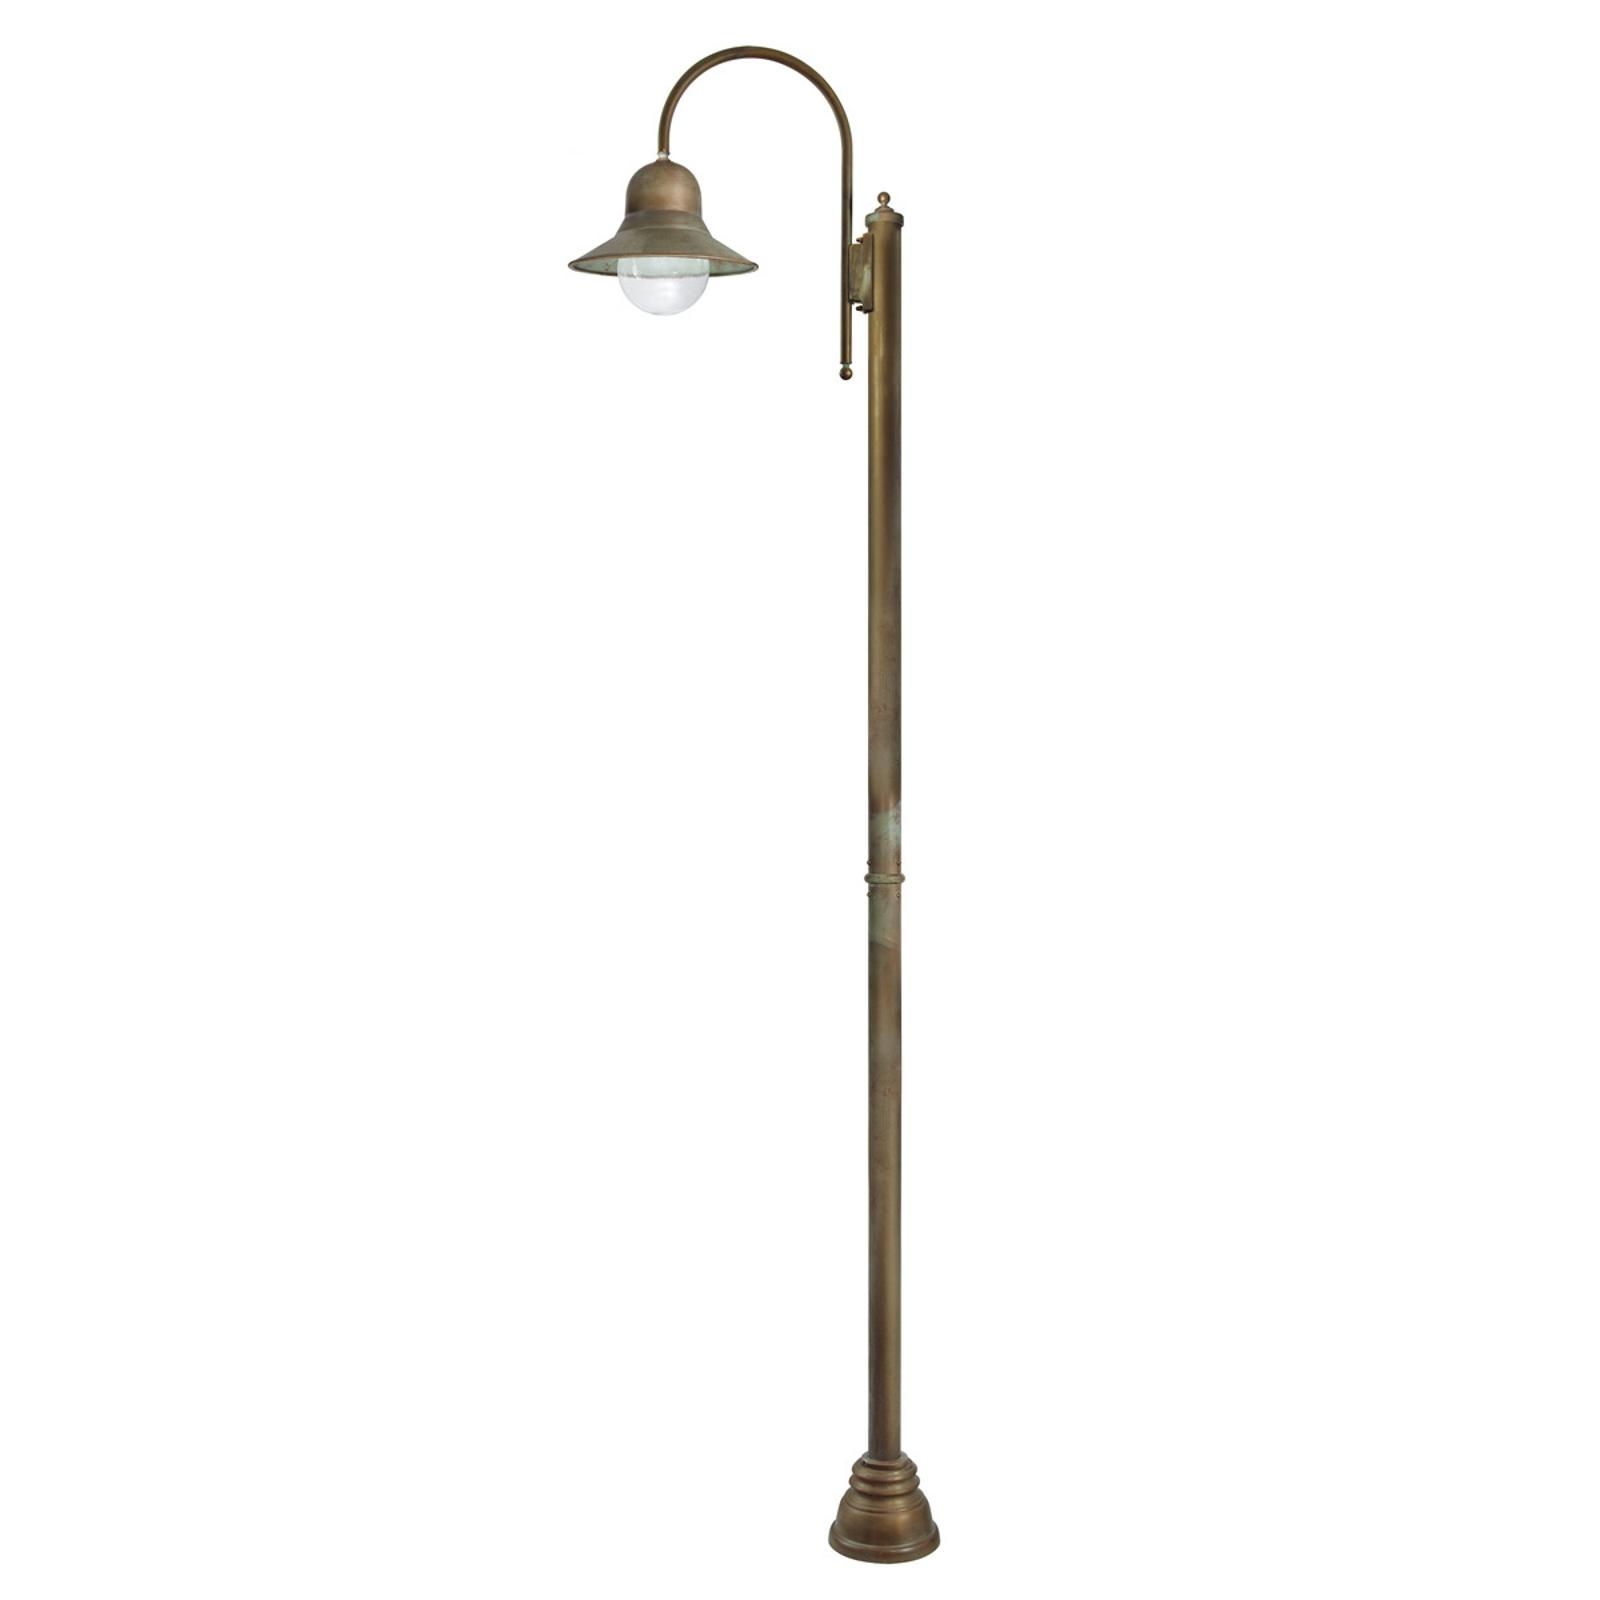 Lampadaire de 270 cm Felizia en laiton antique